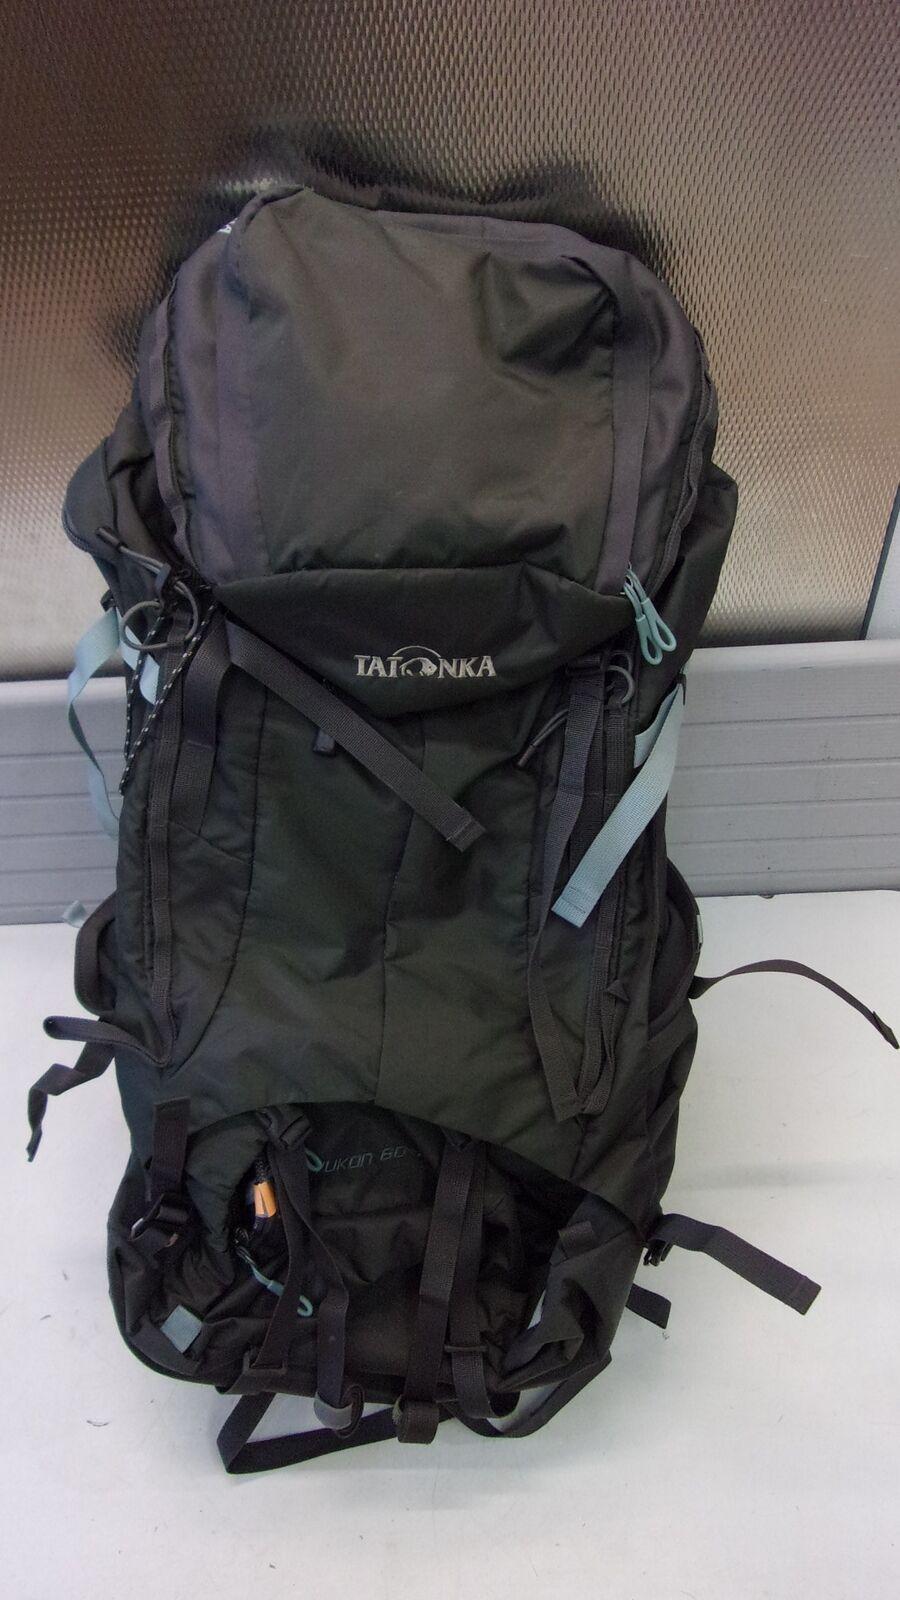 Tatonka Yukon 60  10L Donna Zaino Trekking Titan grigio Conto D44385